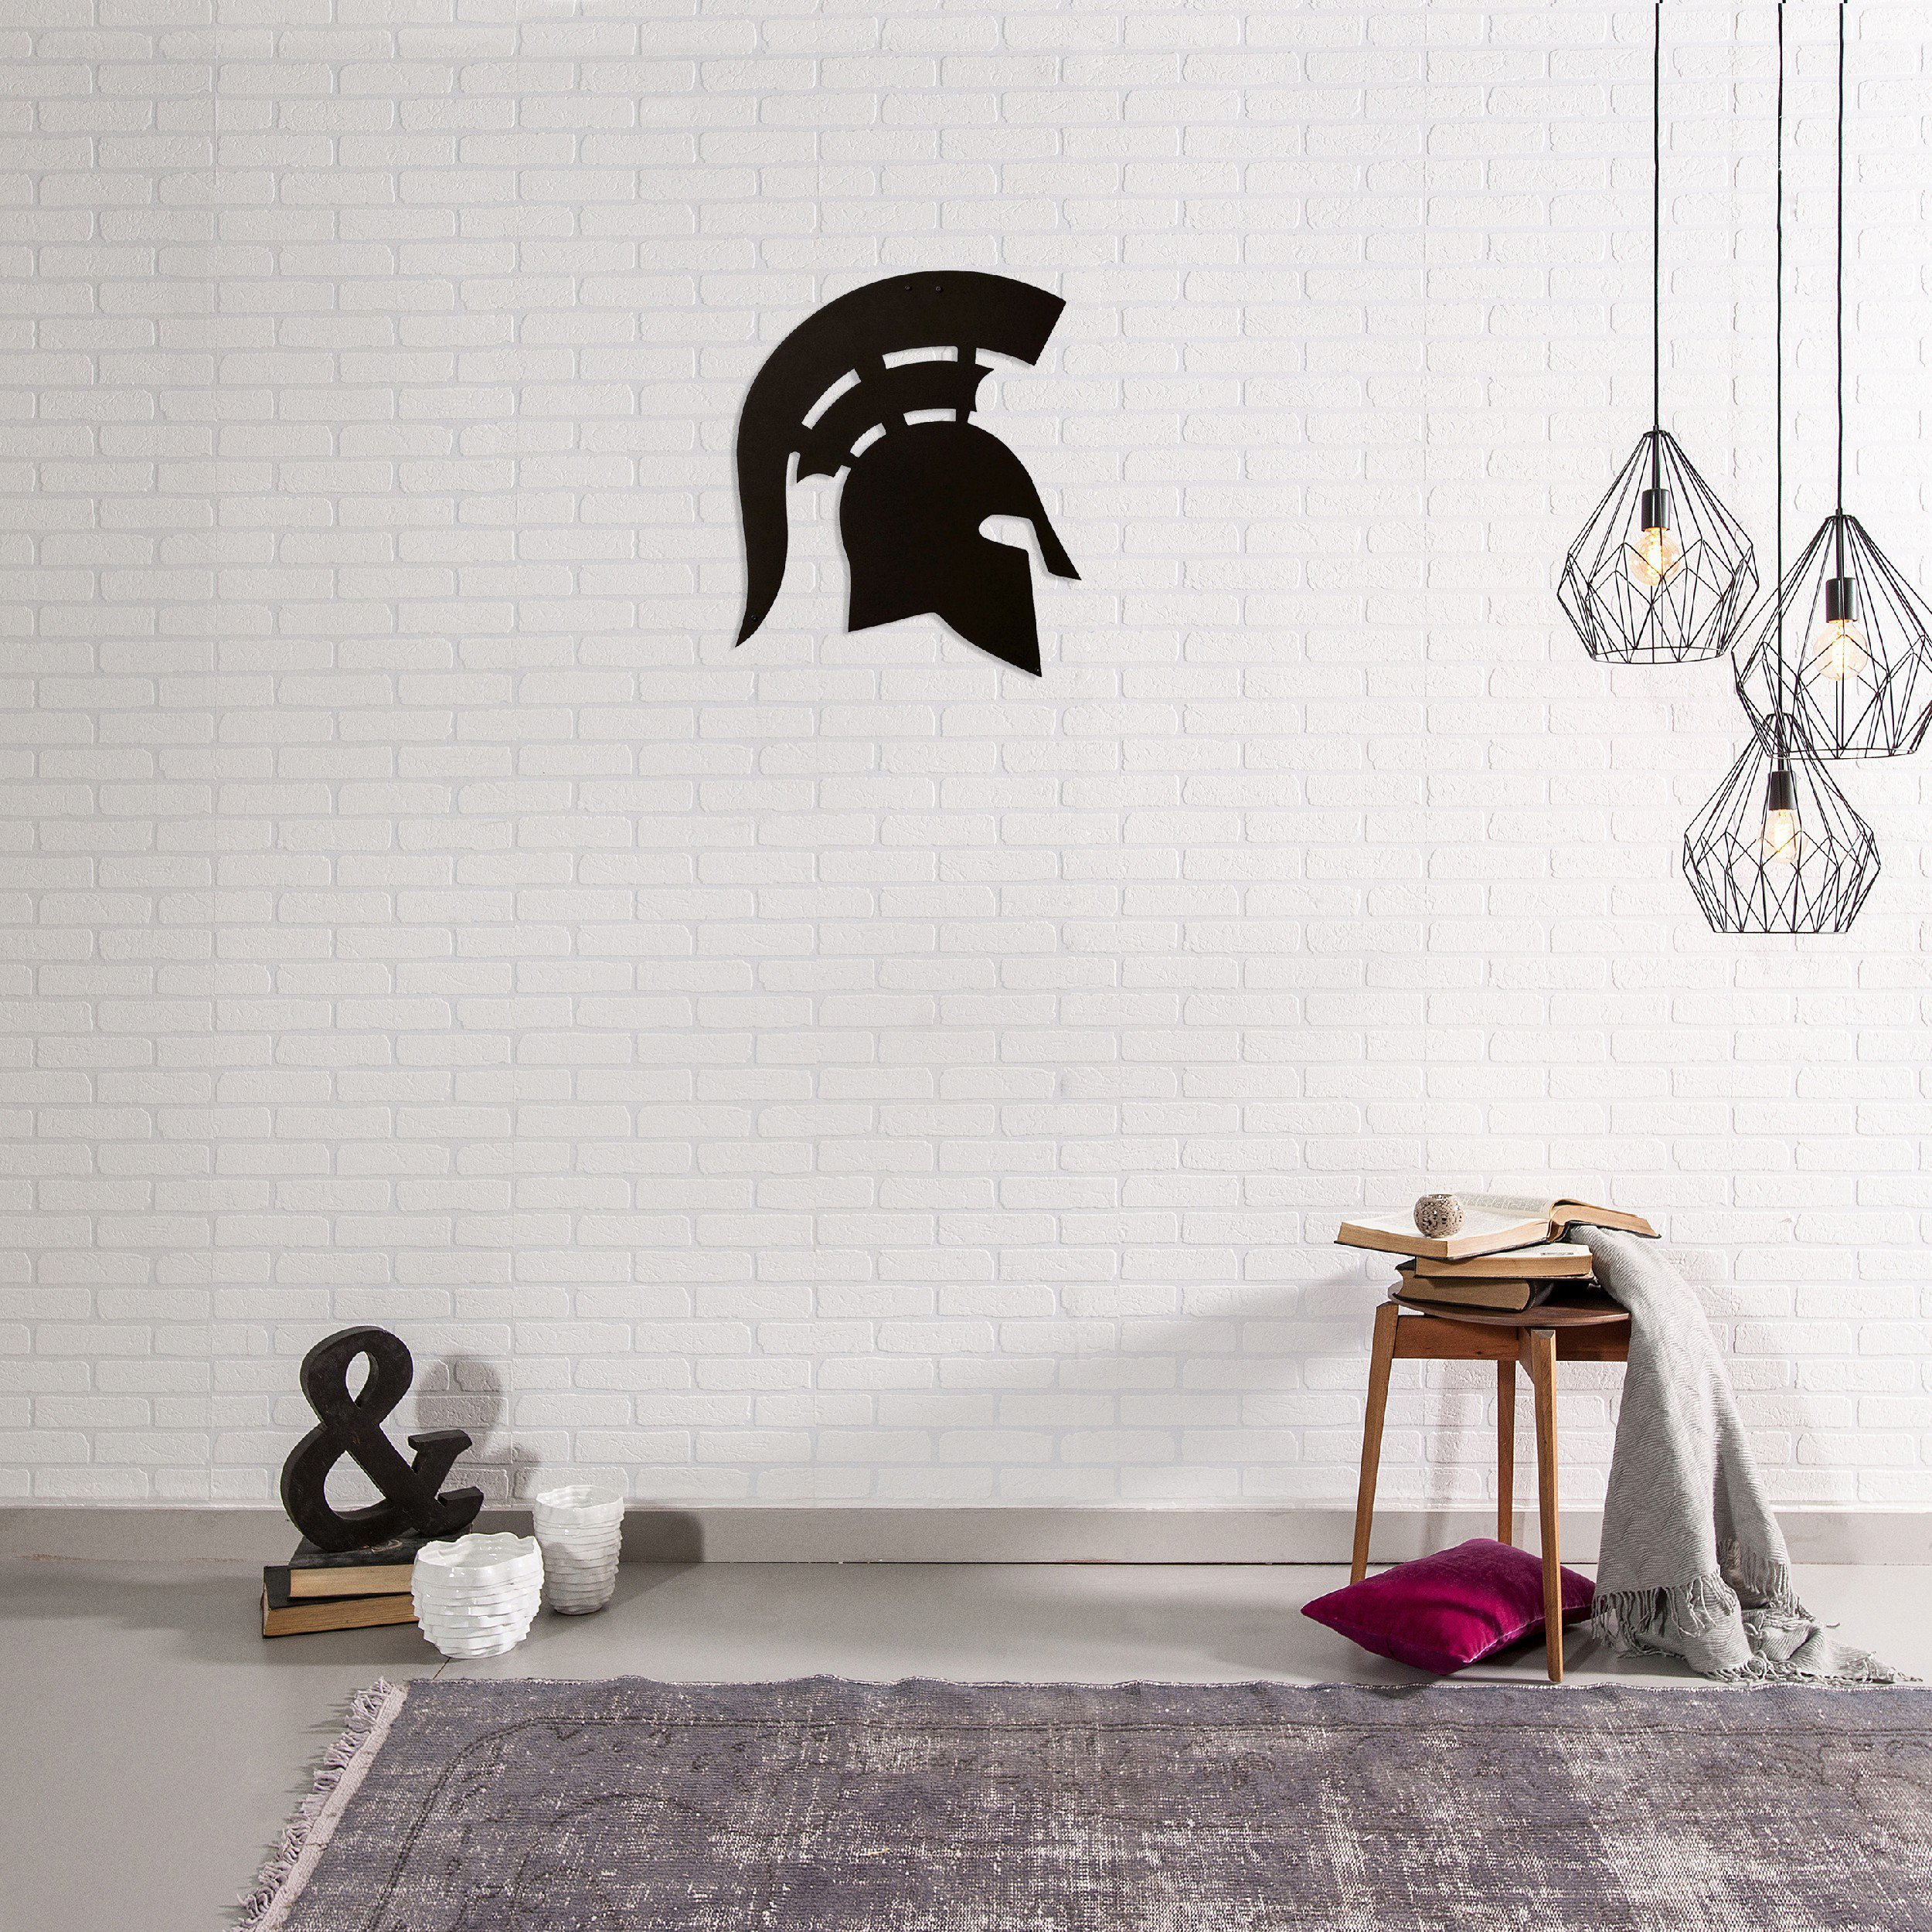 Homemania Decorazione Da Parete in Acciaio Spartano Nero L43xP0,15xA50 cm